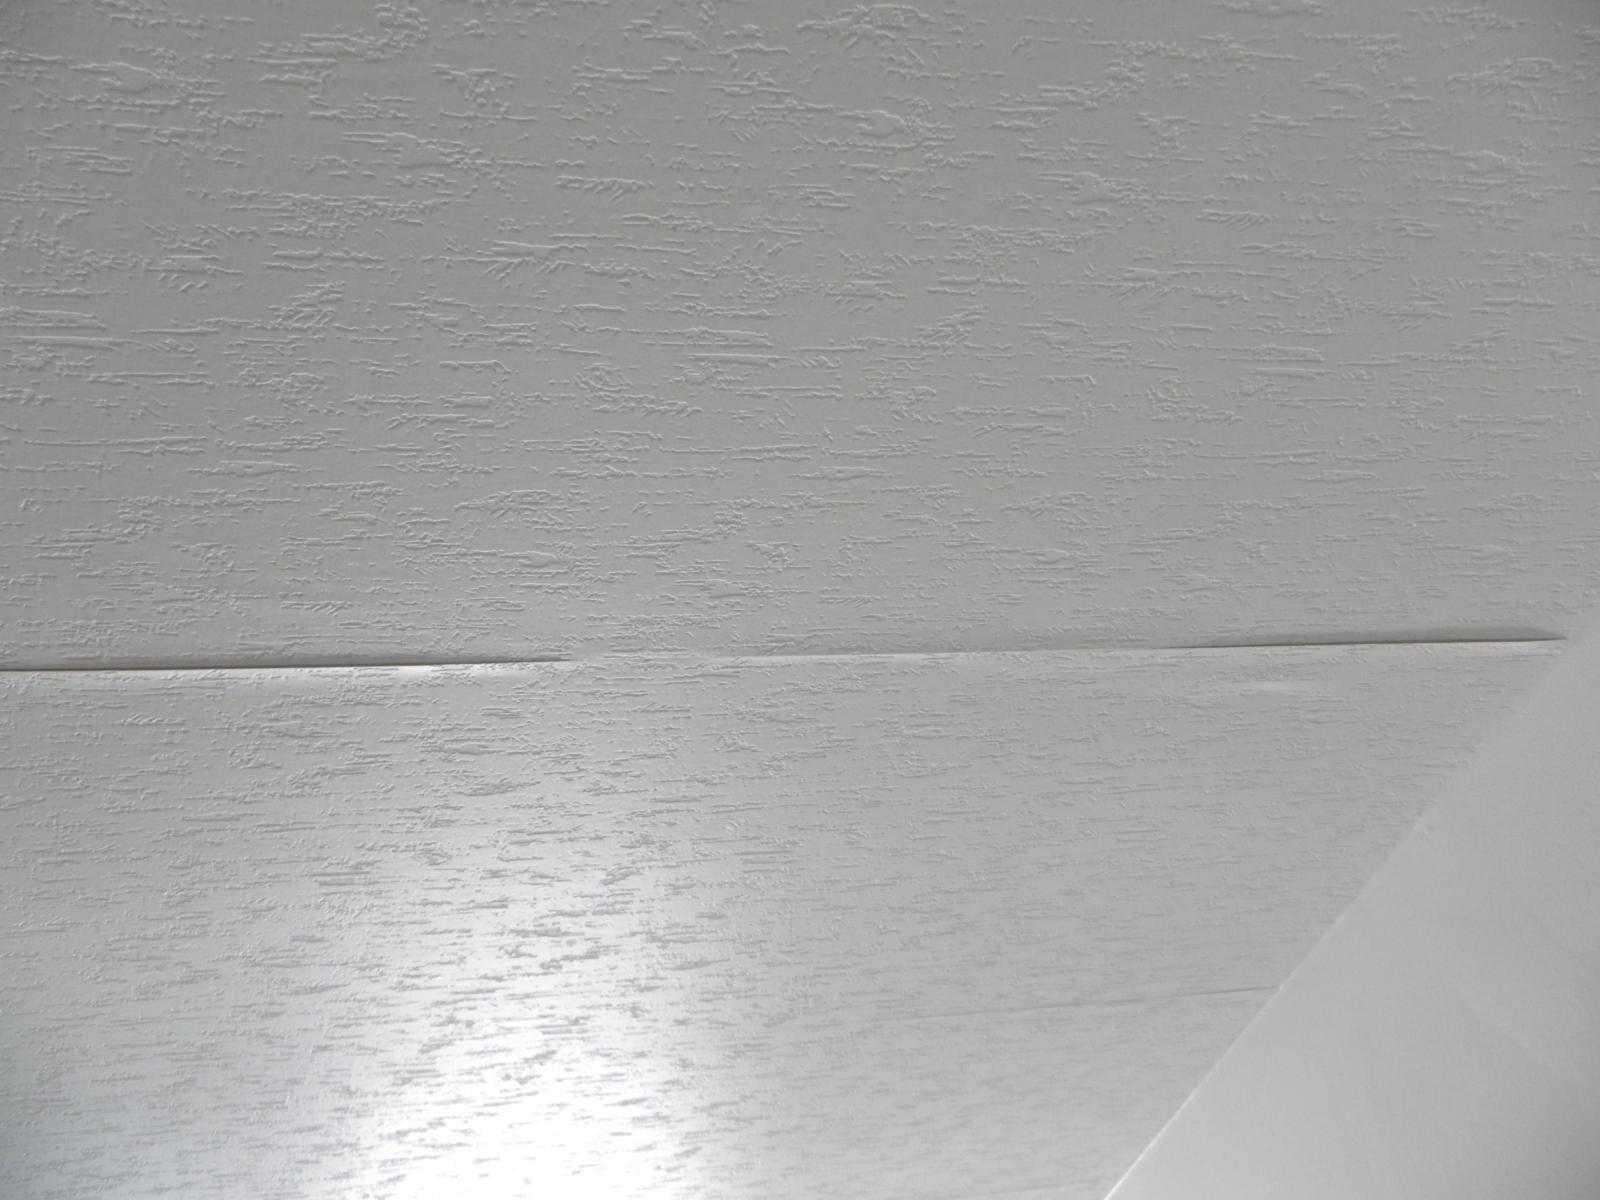 imgp0001jpg - Peinture Qui Se Decolle Comme Du Papier Peint